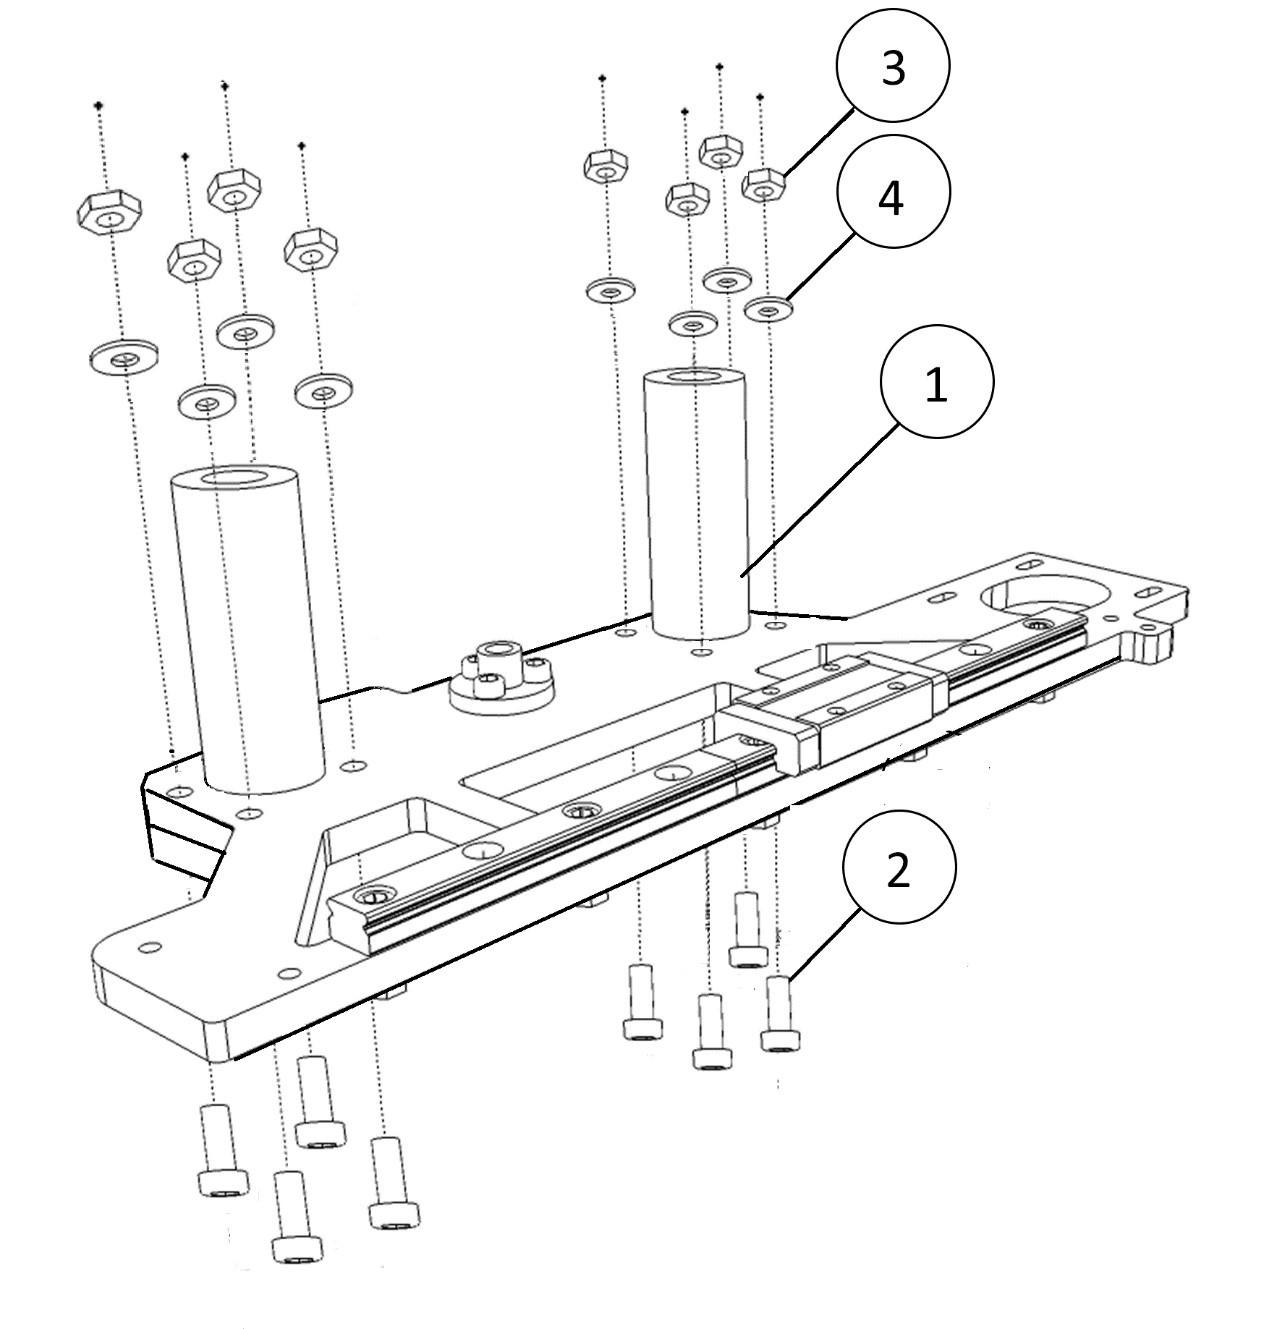 Инструкция по сборке 3D принтера Prism Uni(часть 1-механика) - 3